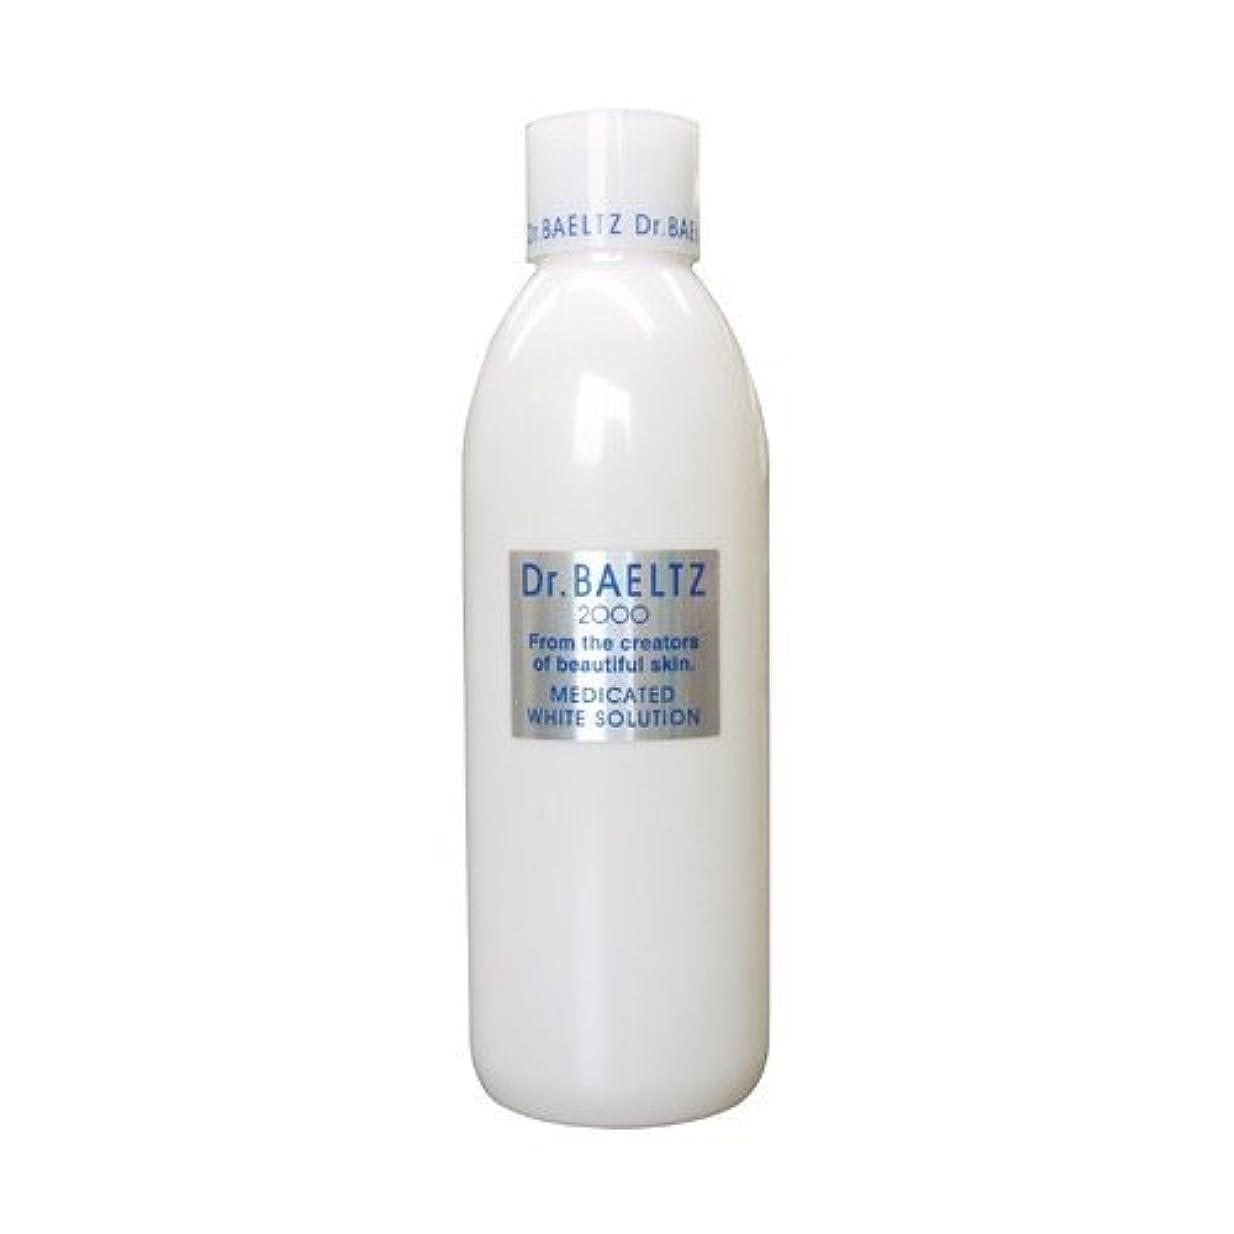 クレーターカバーオーチャードドクターベルツ(Dr.BAELTZ) 薬用ホワイトソリューション 300ml(美白化粧水 医薬部外品)